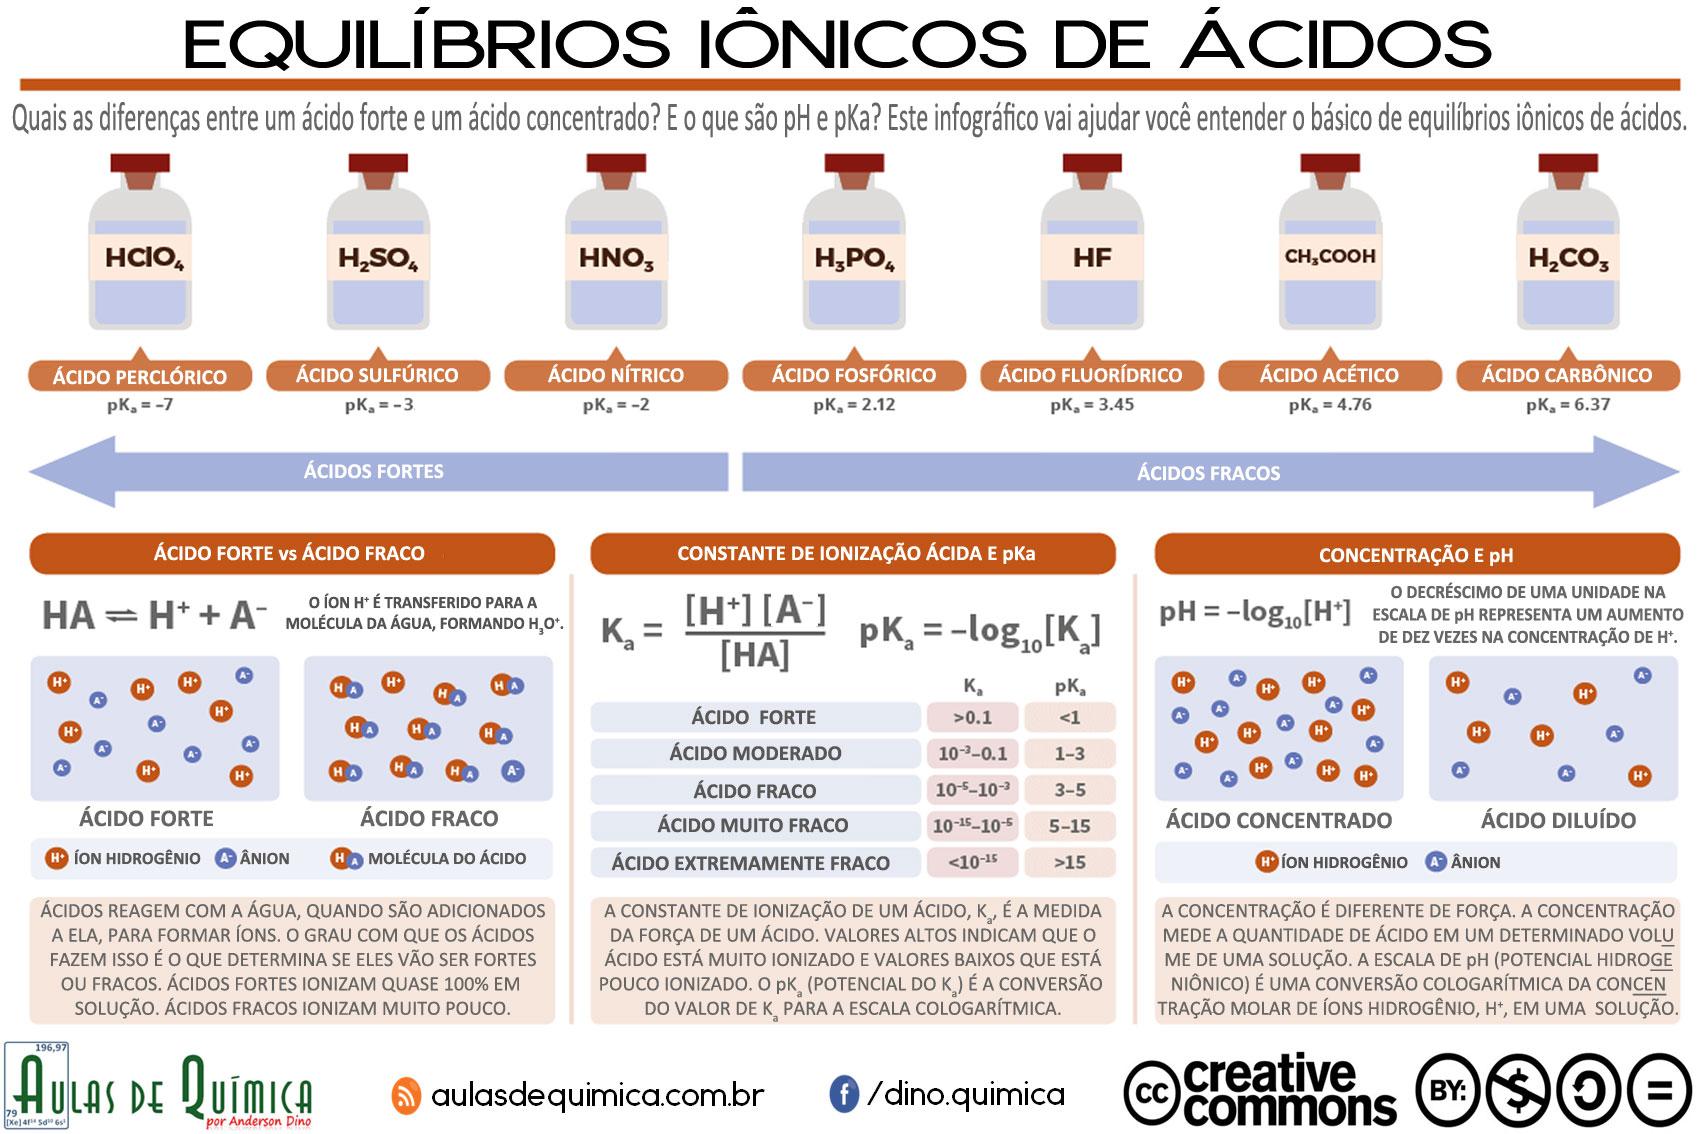 Equilíbrio Iônico de Ácidos - criado por Anderson Dino para o site Aulas de Química - www.aulasdequimica.com.br